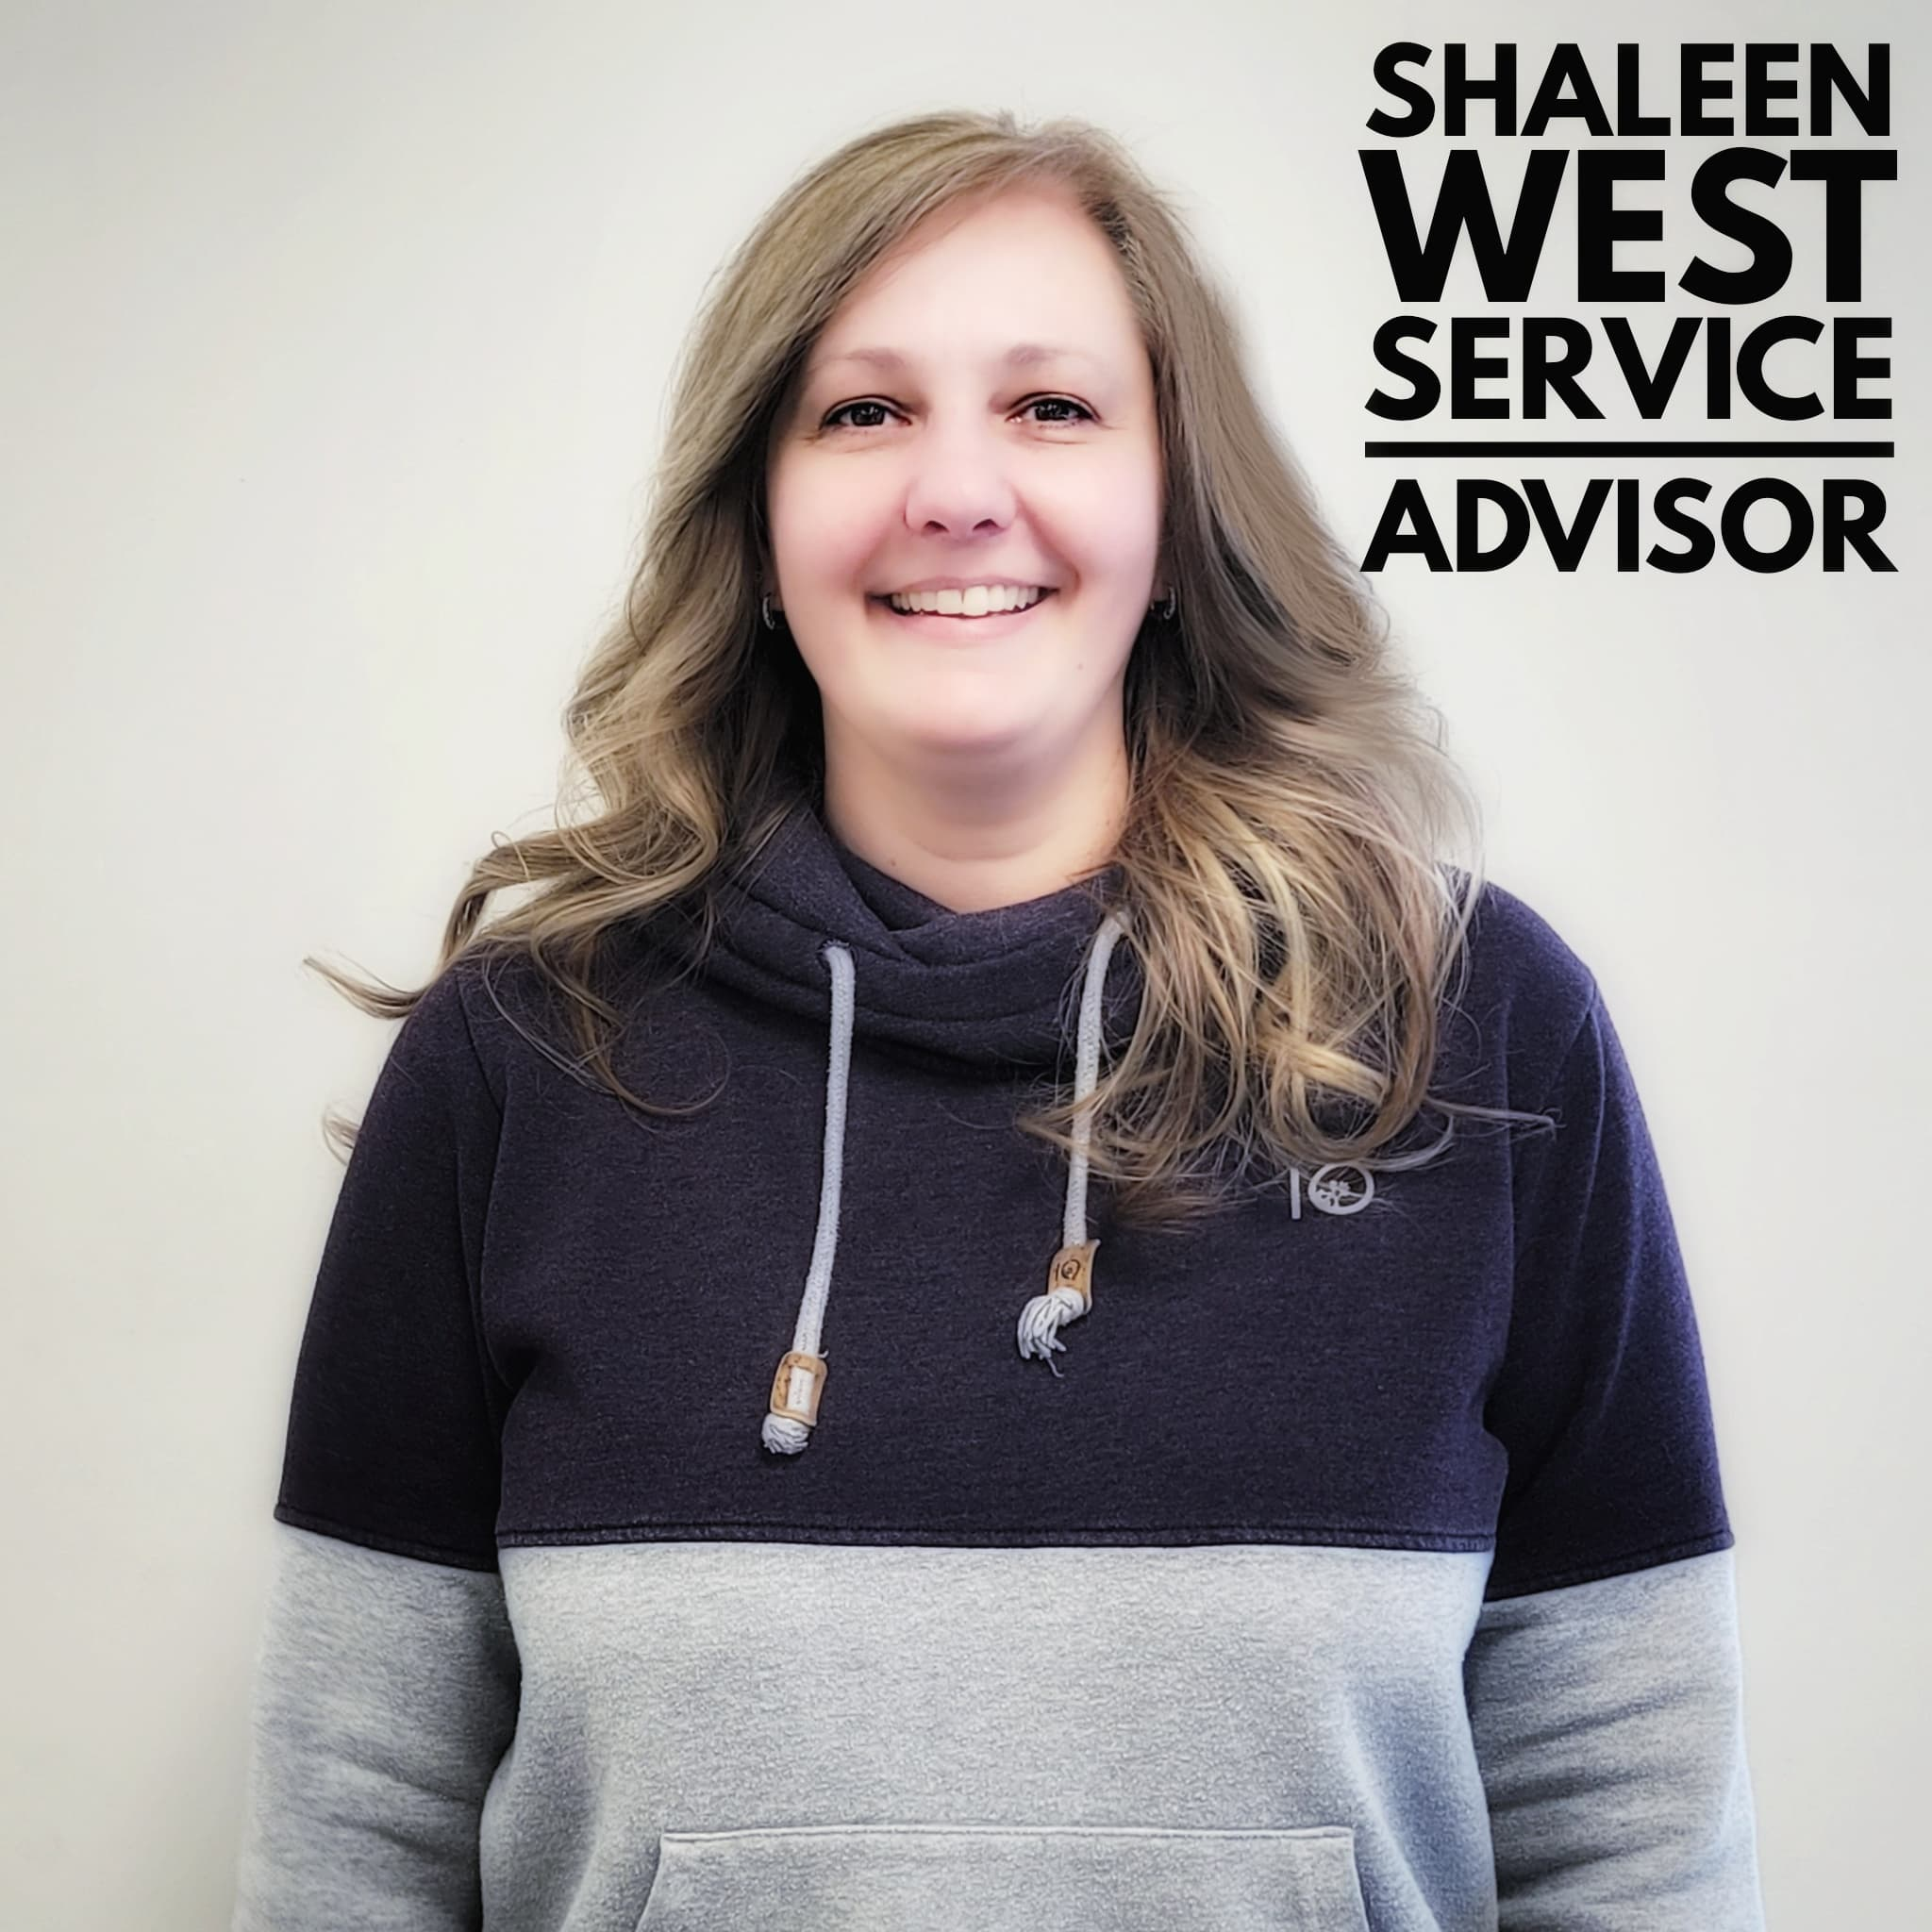 Shaleen West